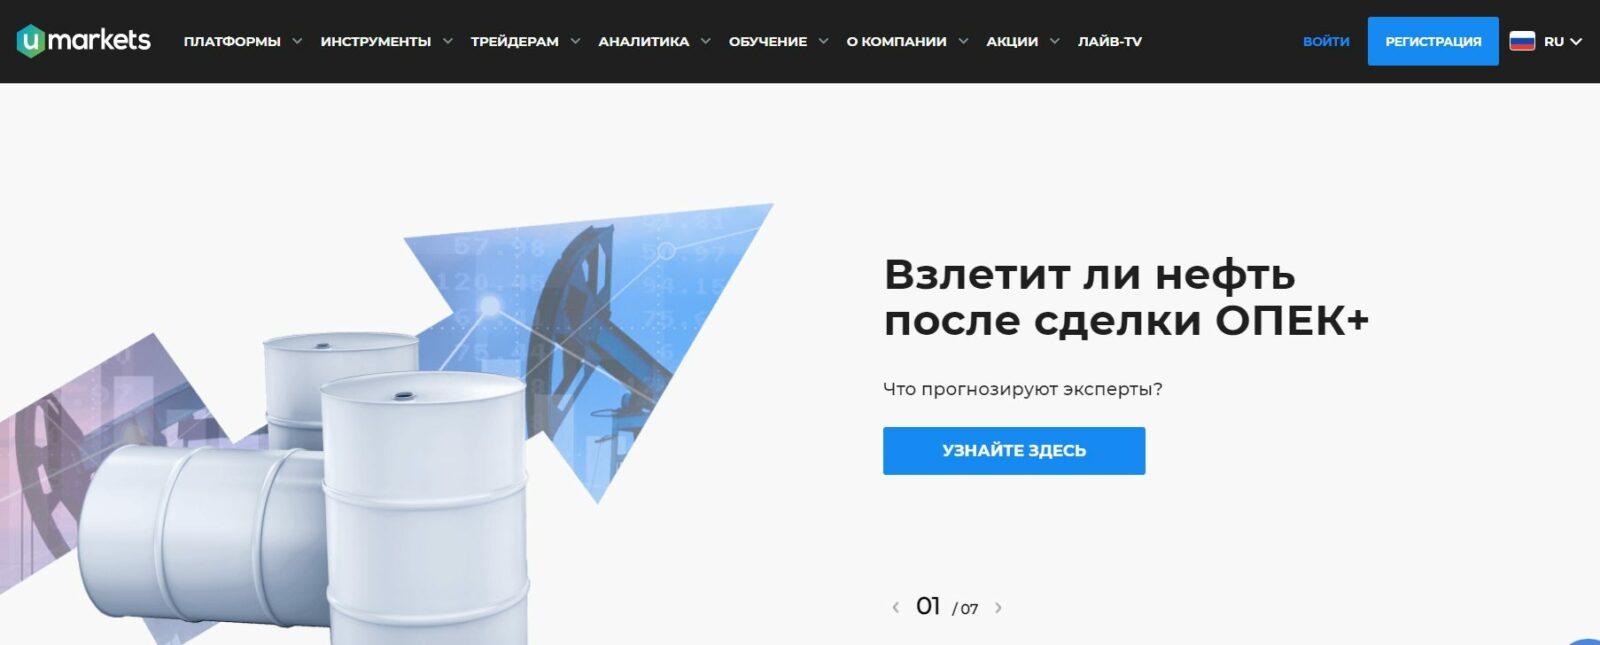 Сайт брокера Umarkets